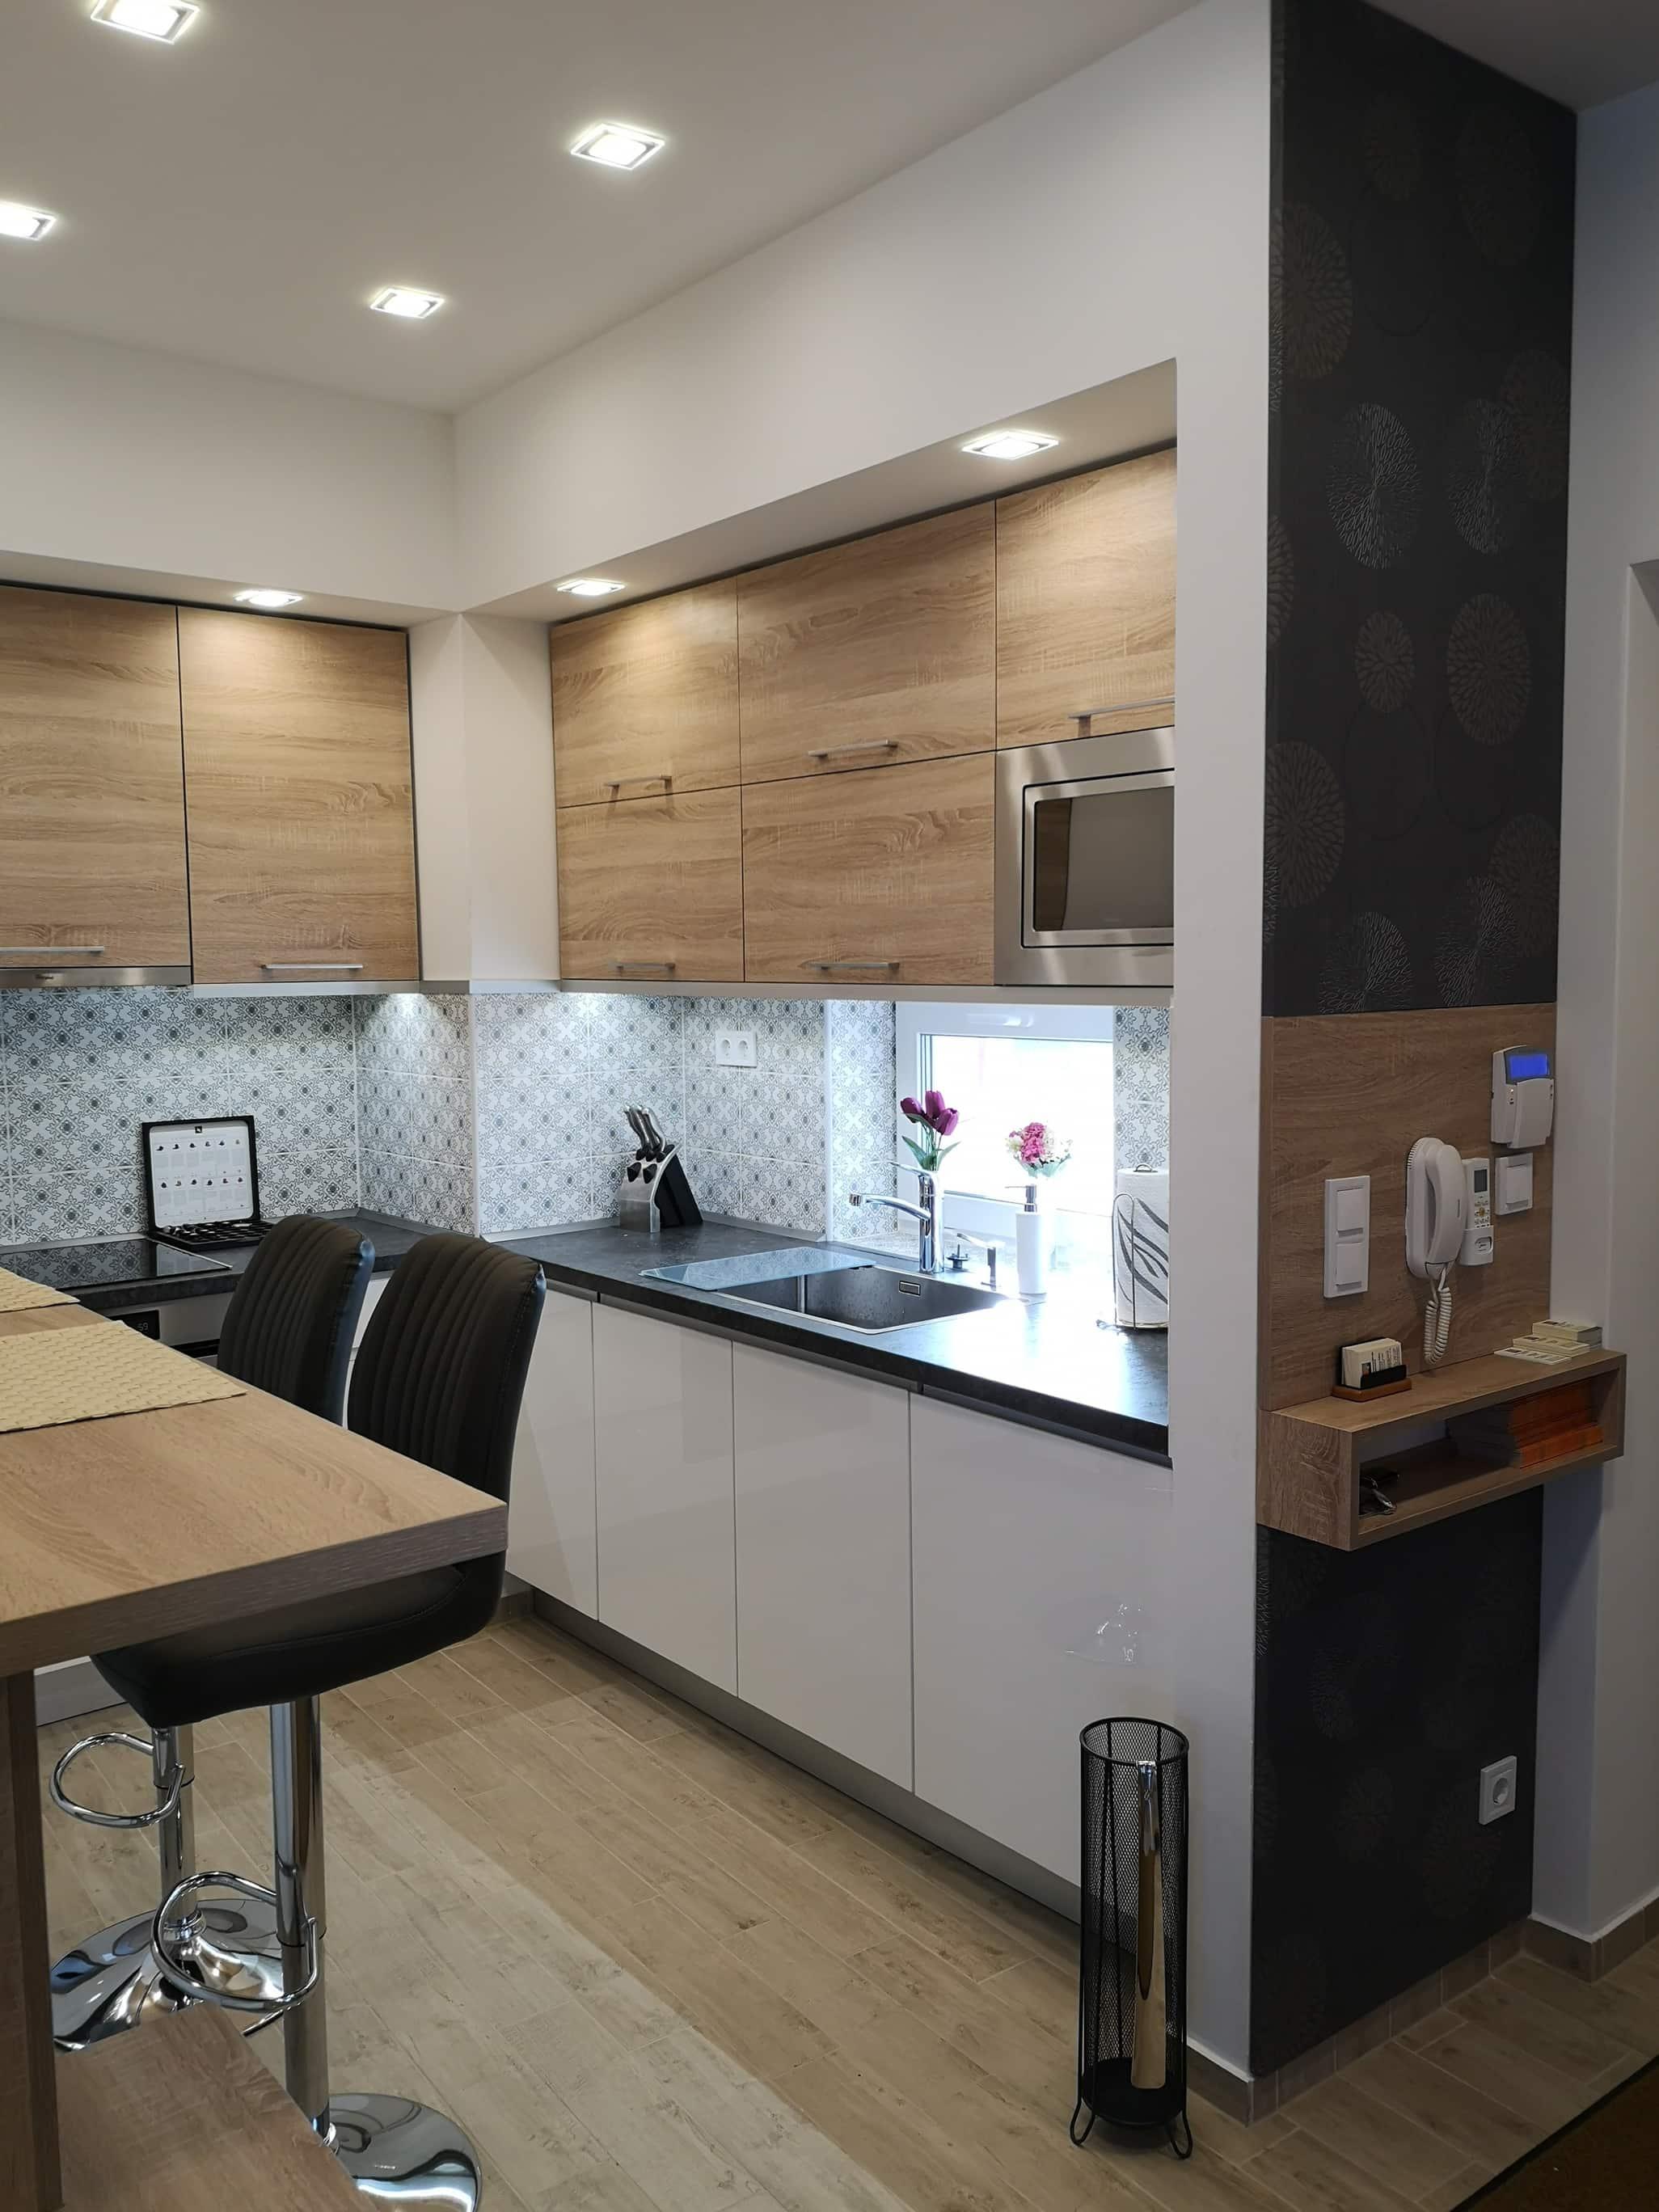 Sarok konyha - magasfényű és bardolino tölgy ajtókkal